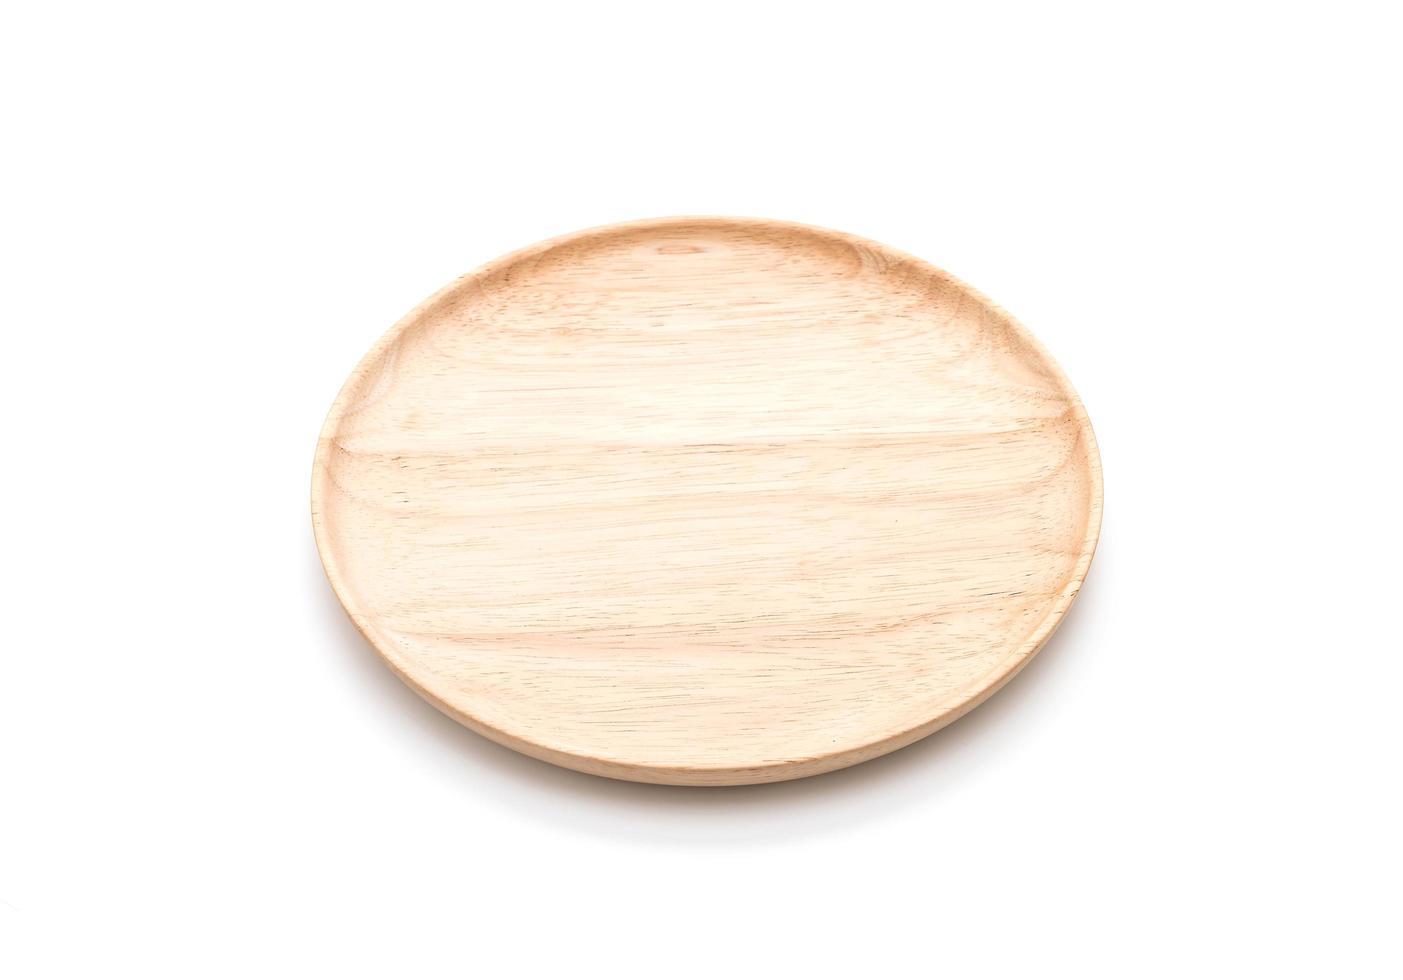 bewaldete Platte auf weißem Hintergrund foto